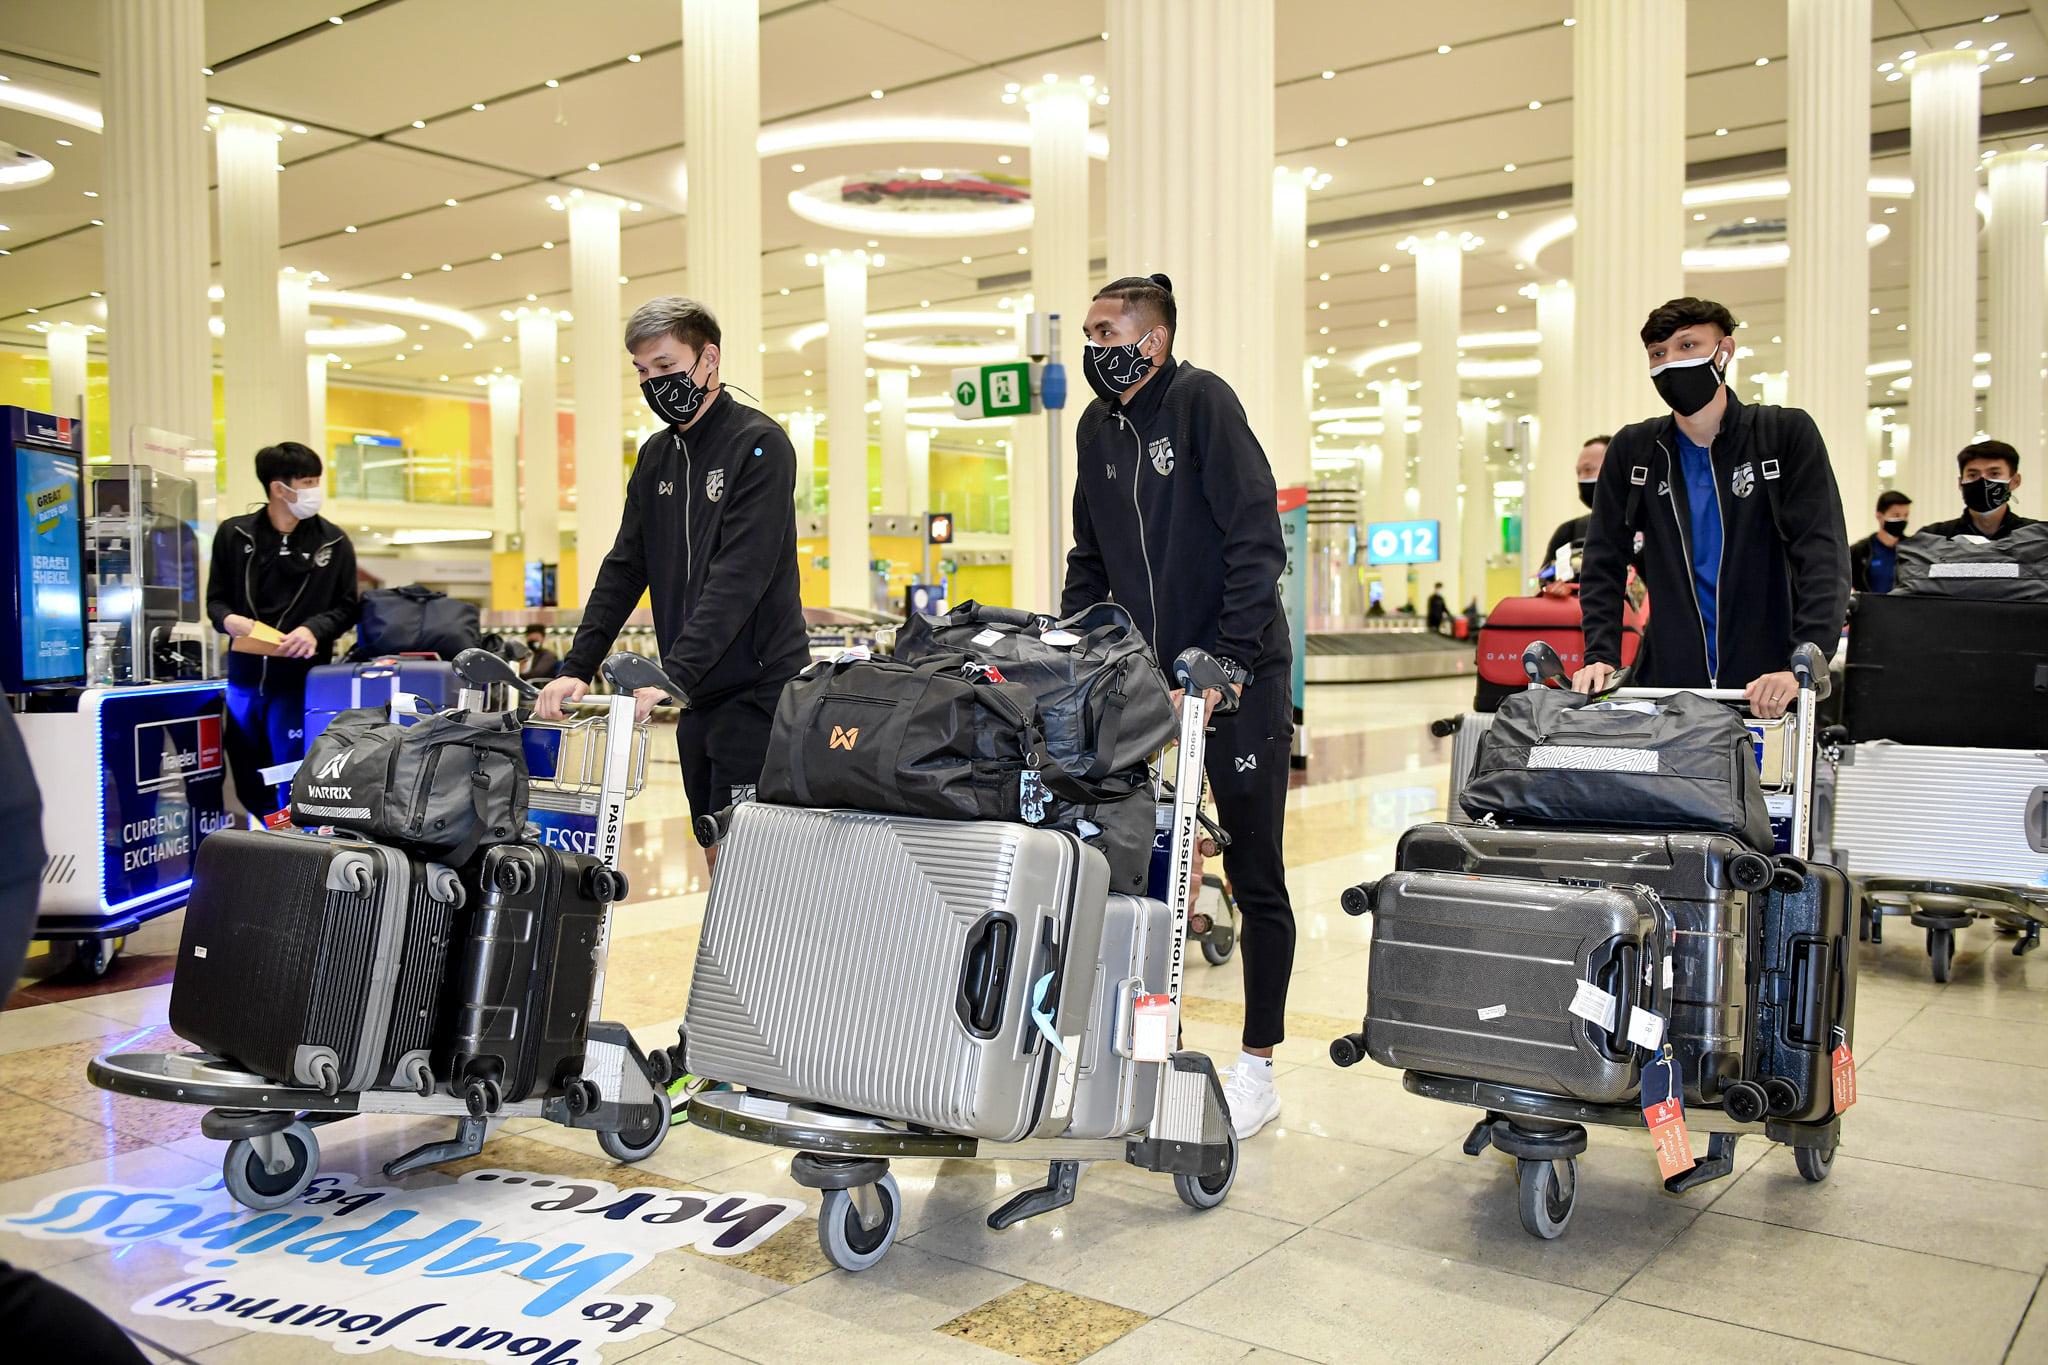 Thái Lan lên đường sang UAE với lực lượng hùng hậu gồm 39 cầu thủ - Ảnh: FA Thailand